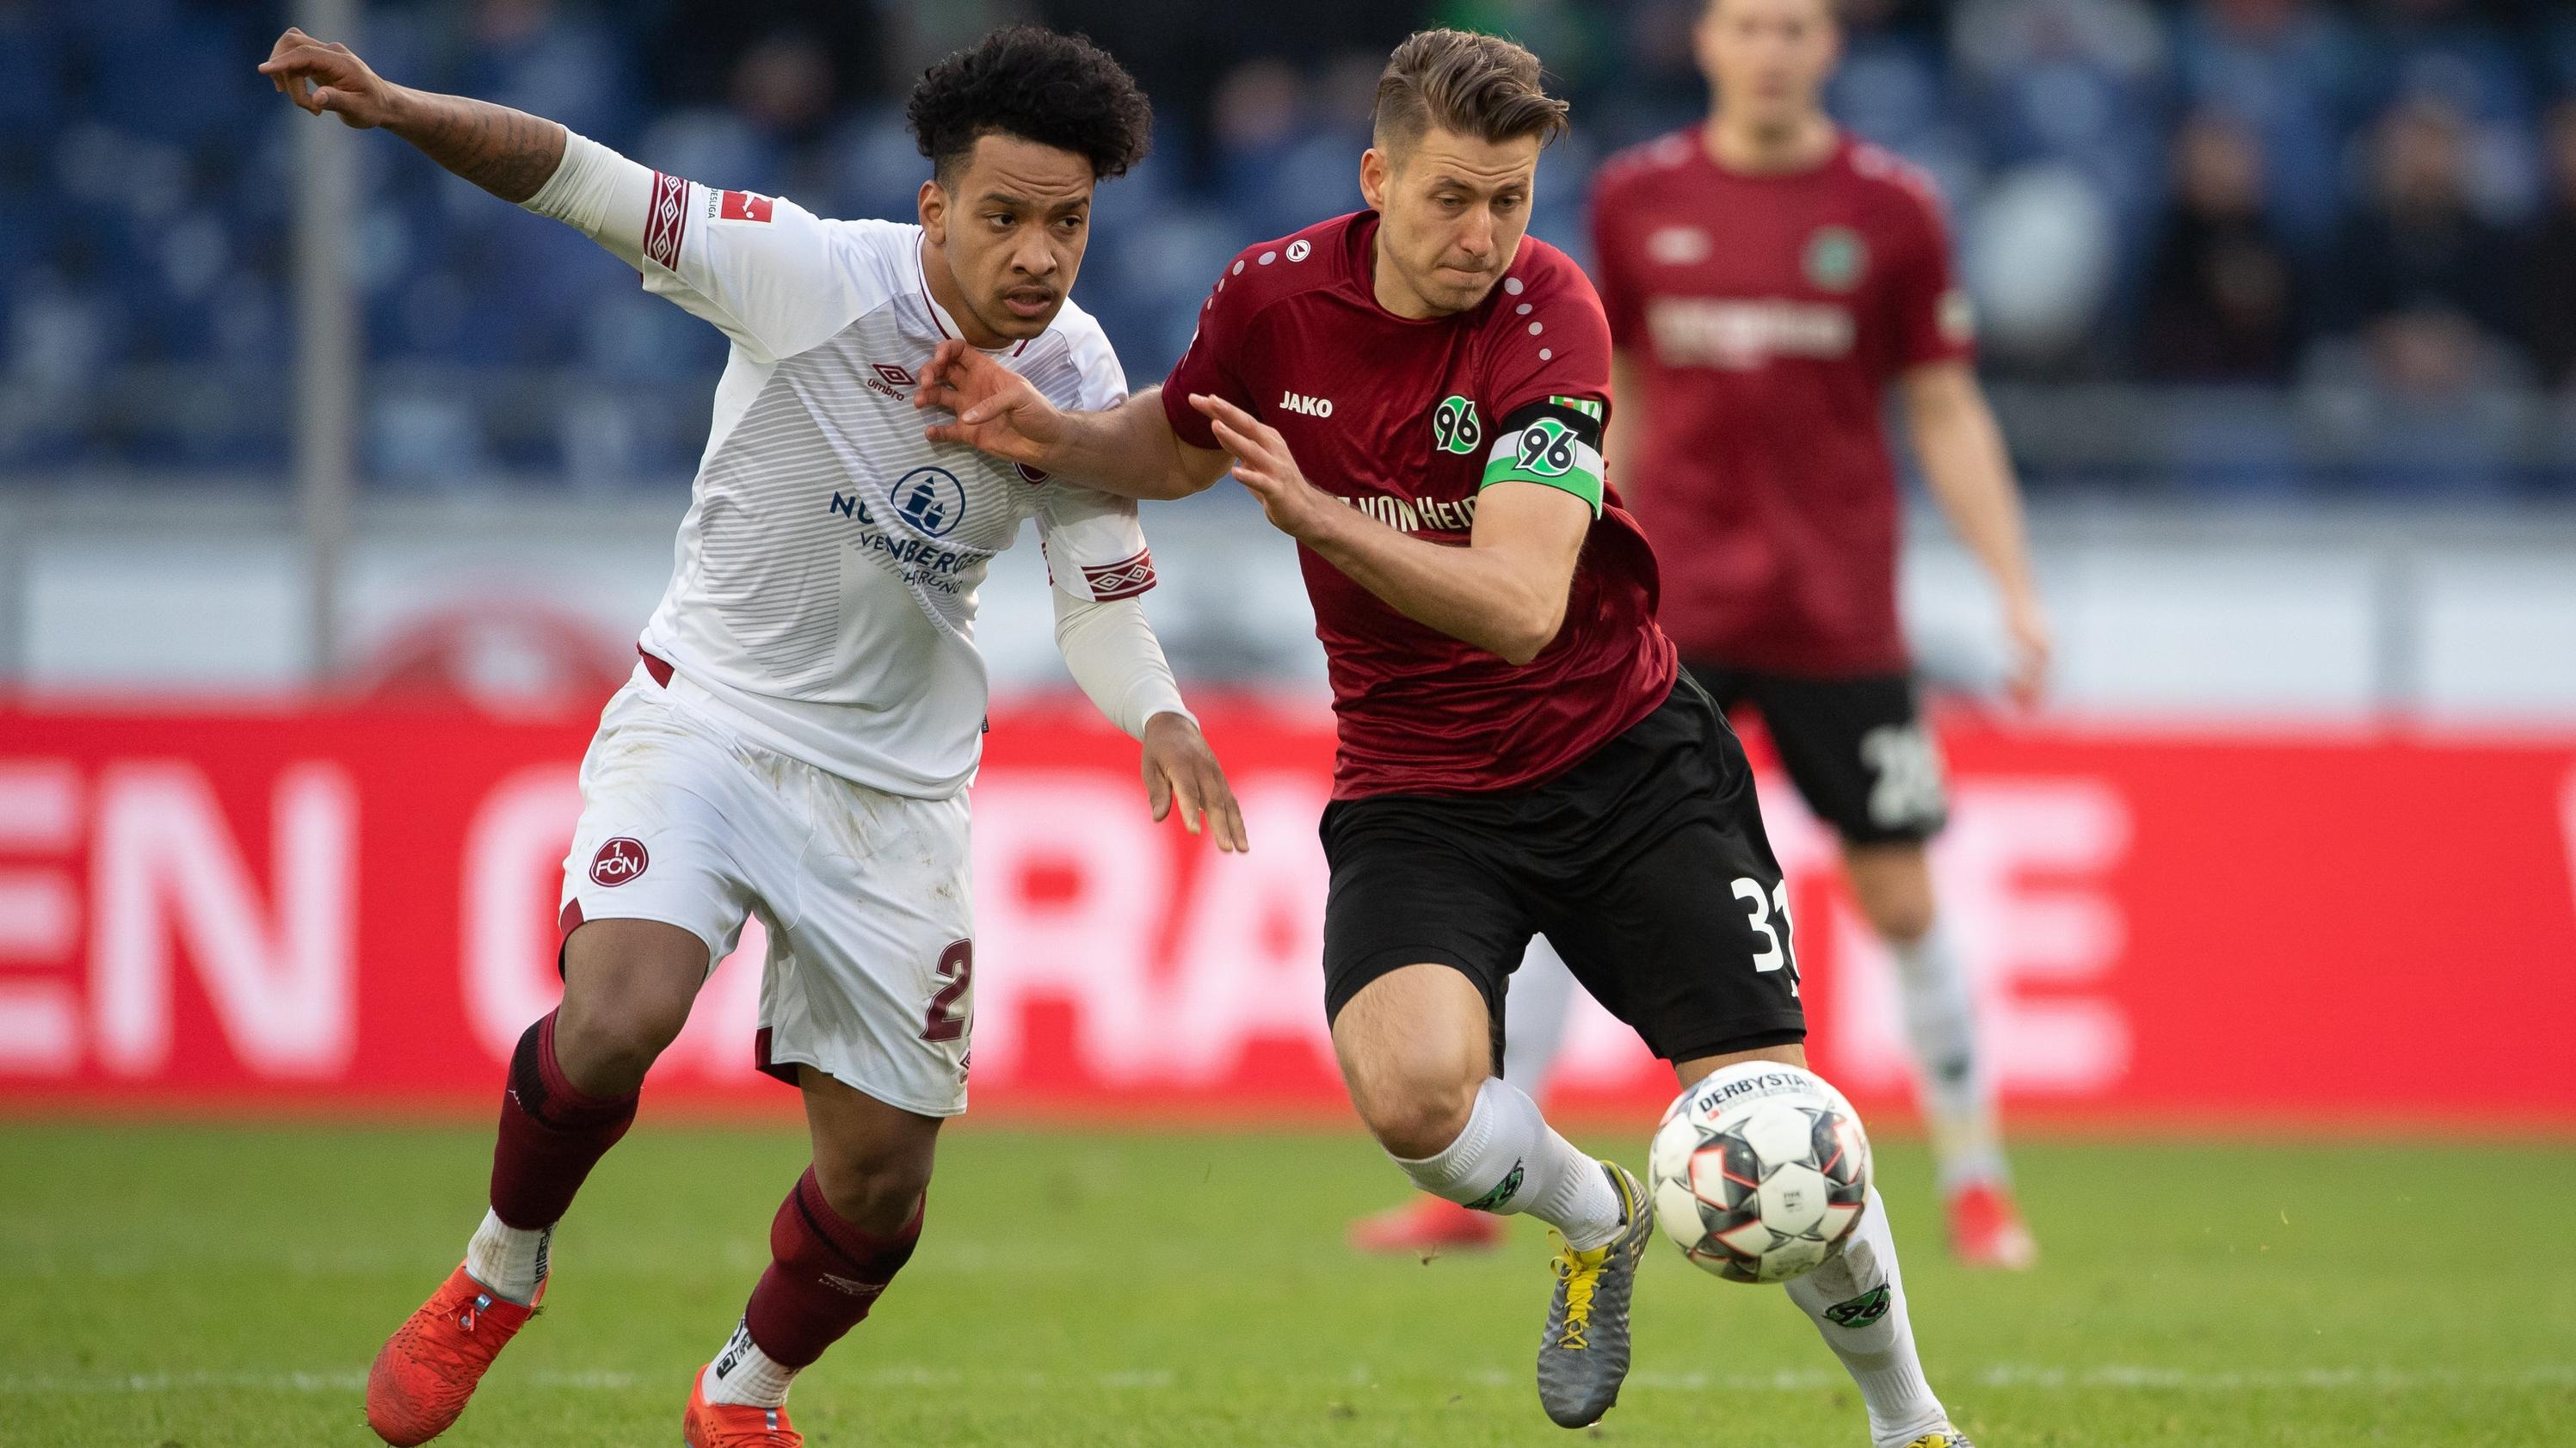 Szene aus dem Spiel Hannover gegen Nürnberg